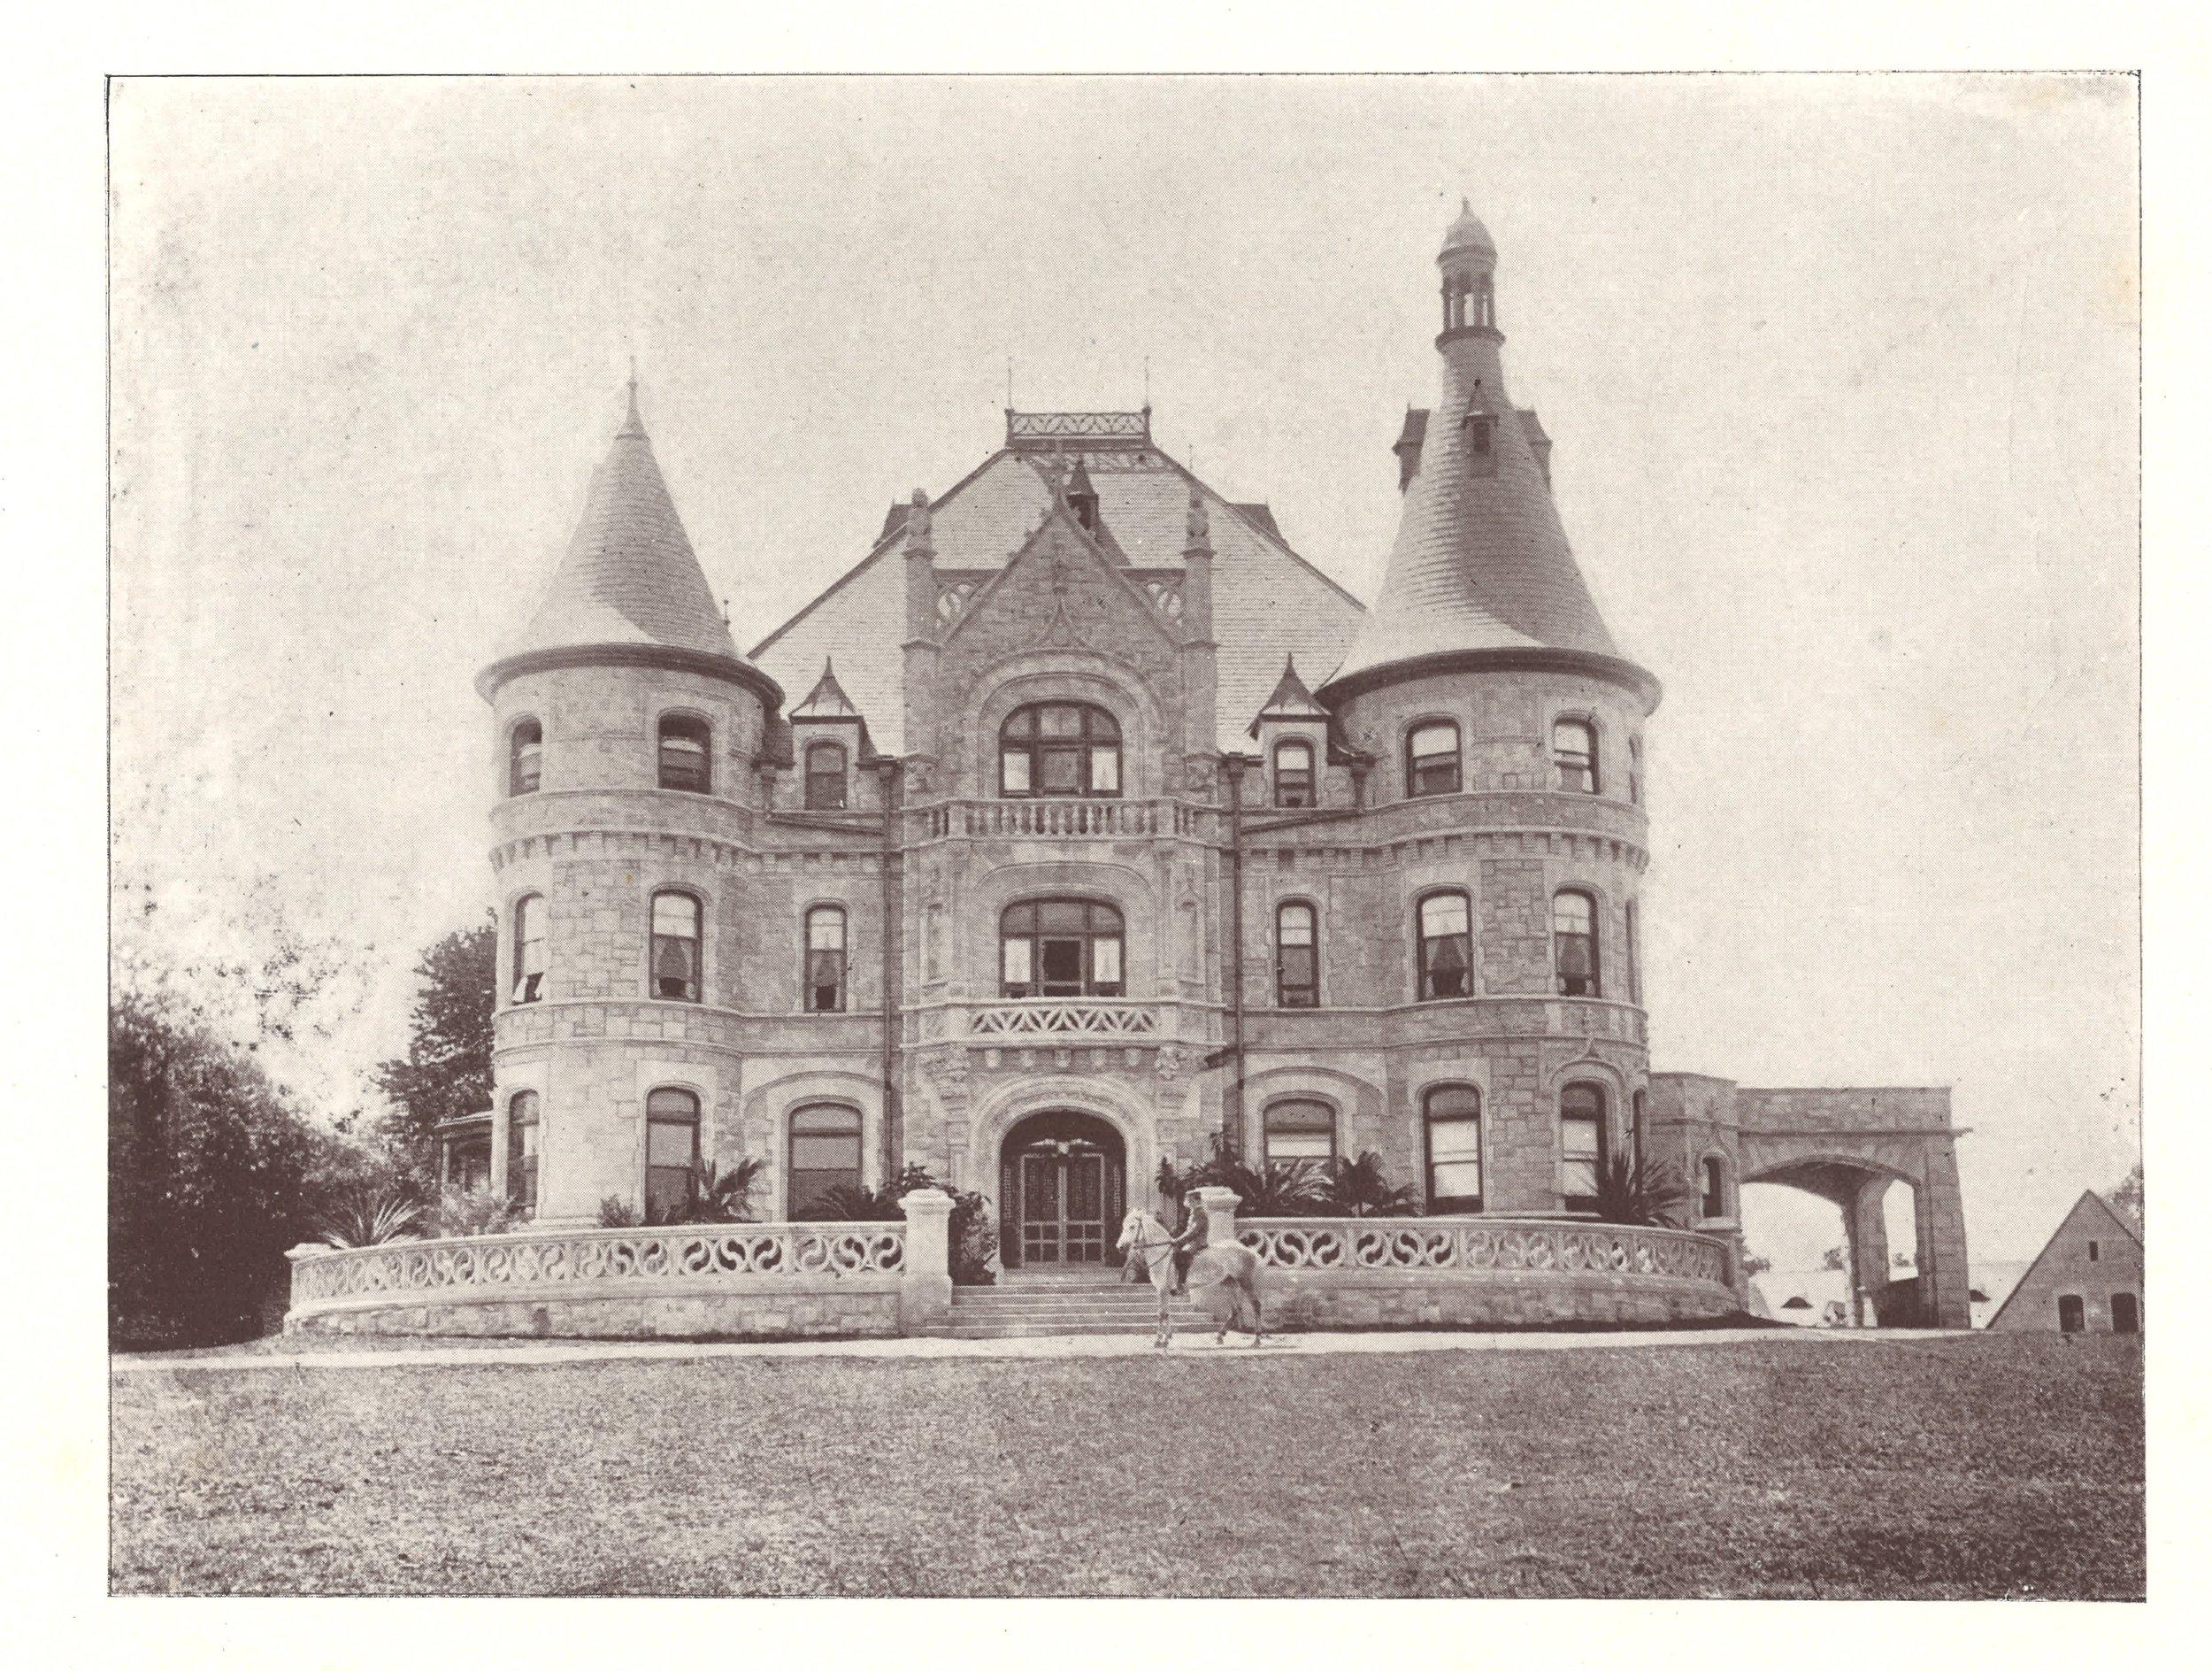 Bryn Mawr, PA estate - 1894